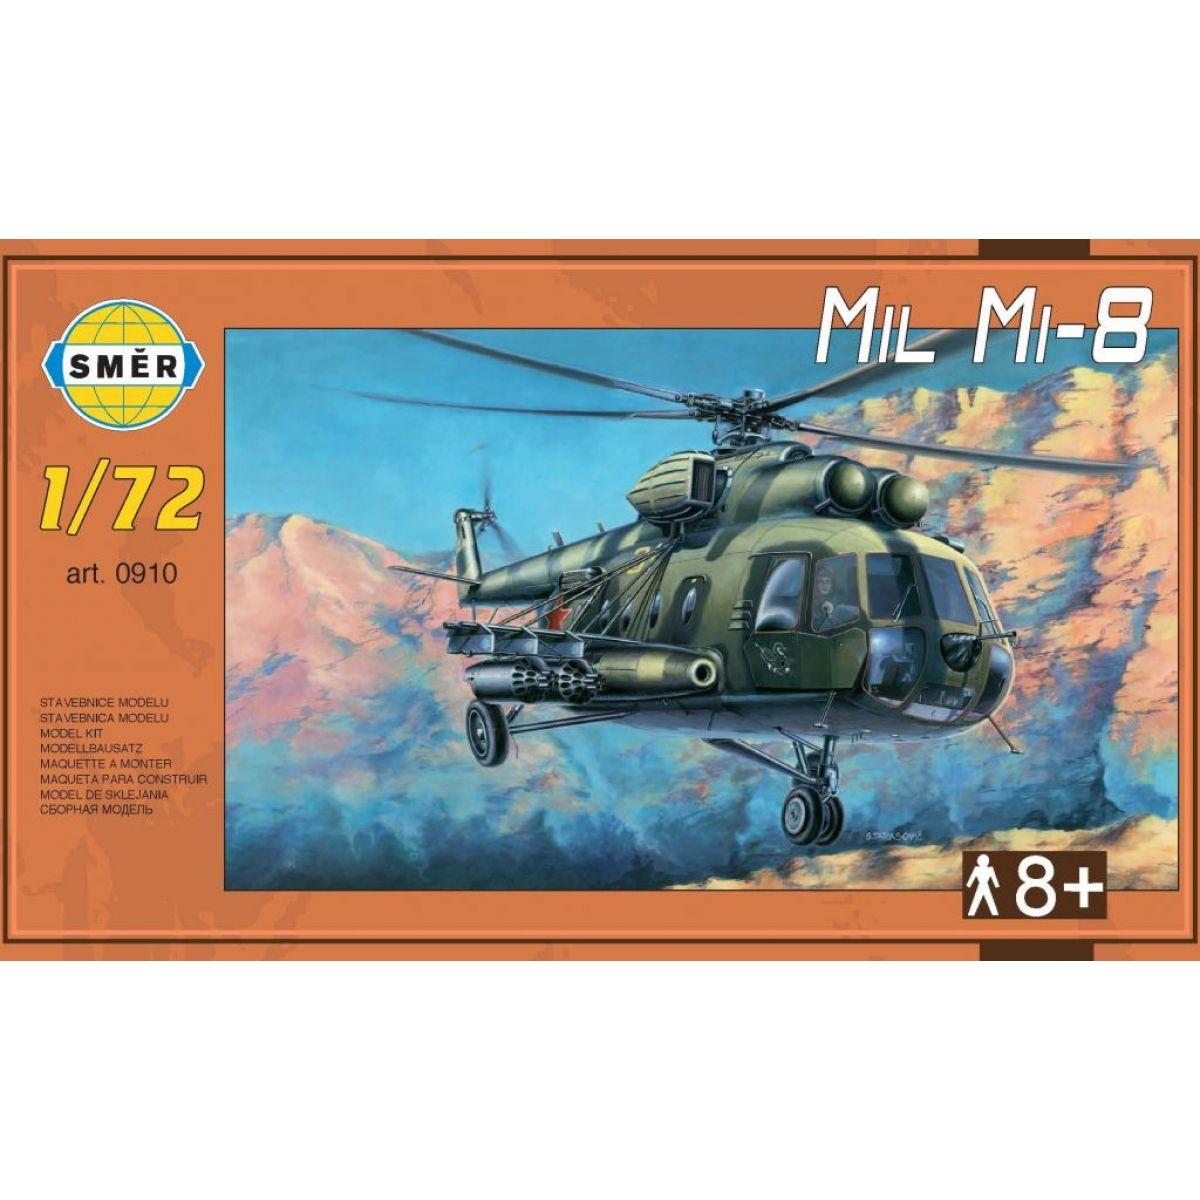 Smer Model Mil Mi-8 1:72